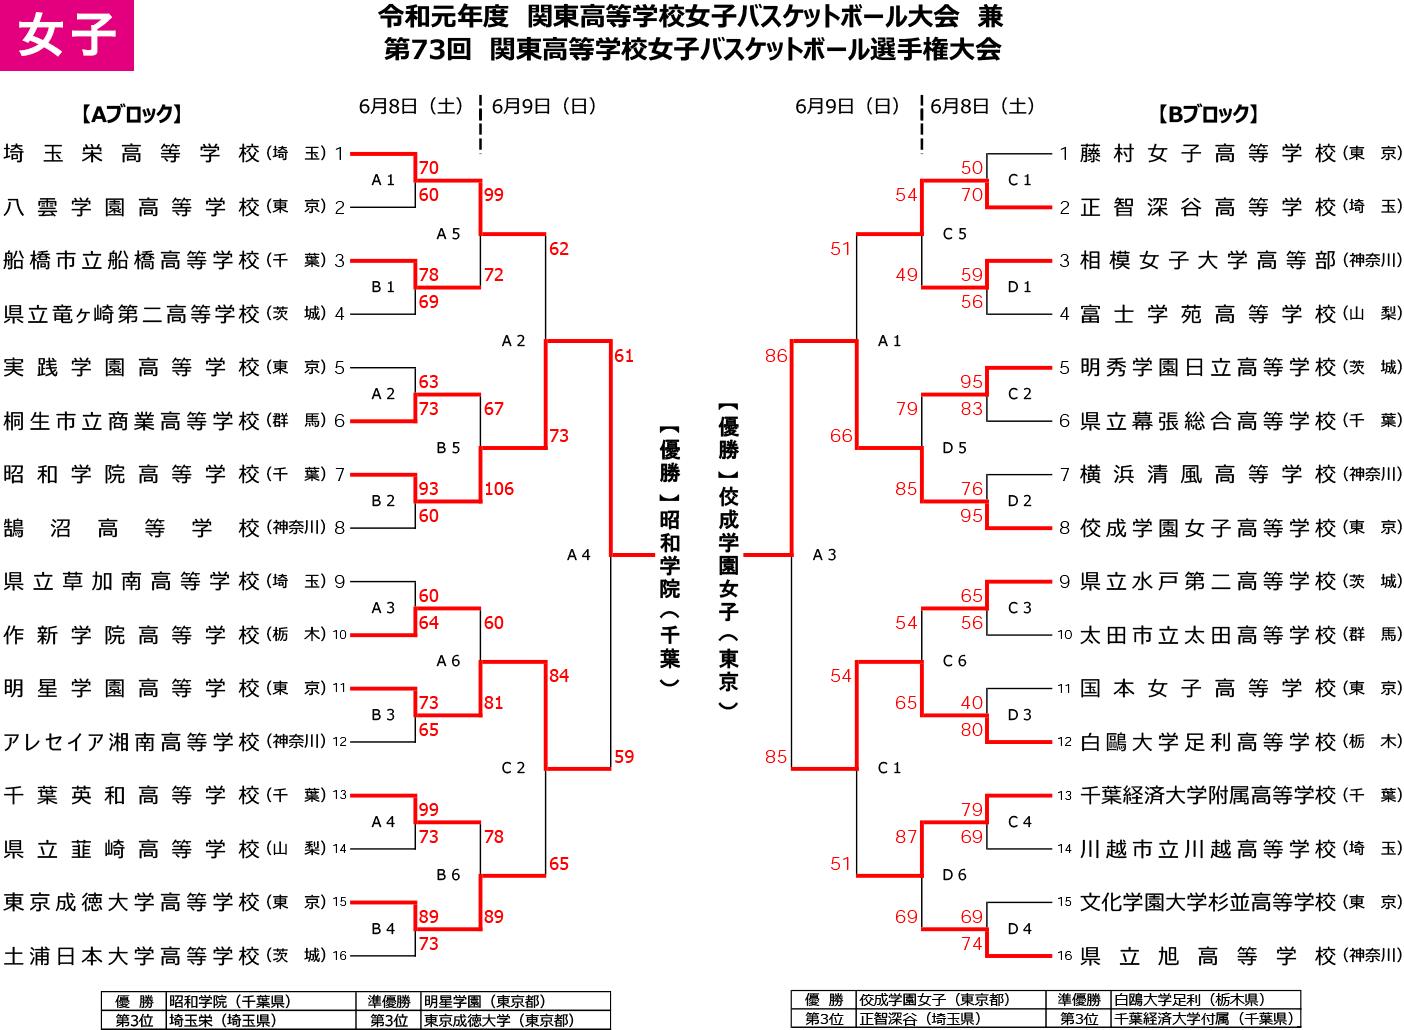 2019年度 第73回 高校関東選手権 - 大会結果 女子